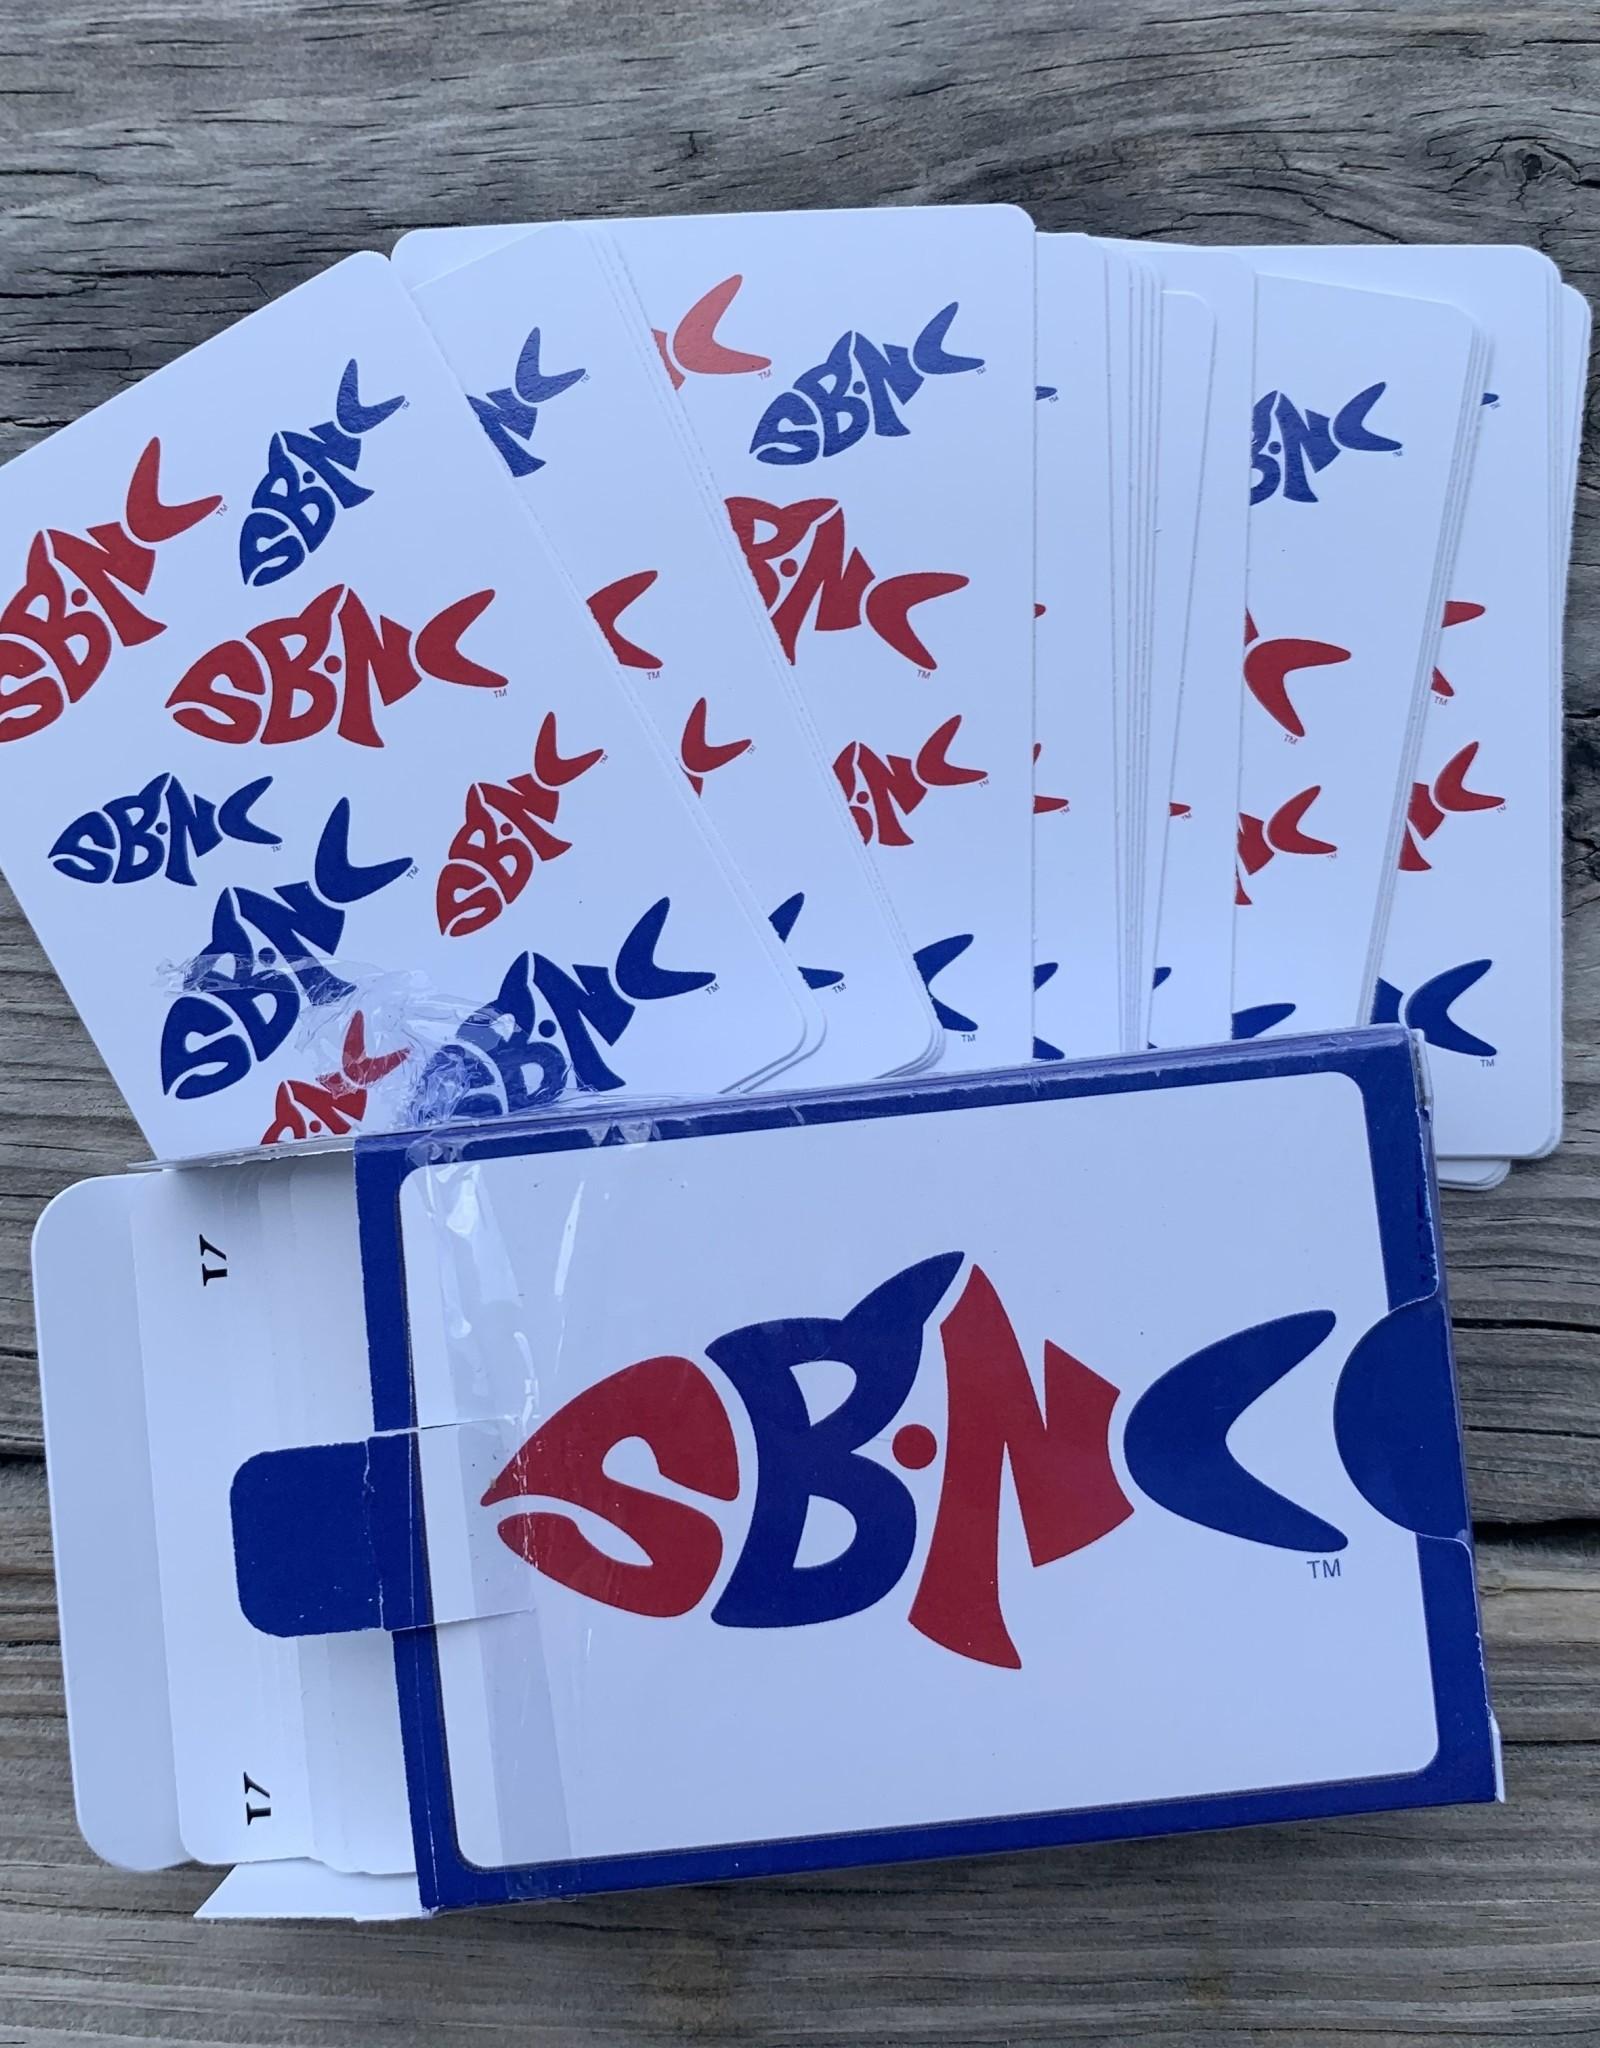 sbncfish PLAYING CARDS SBNC FISH